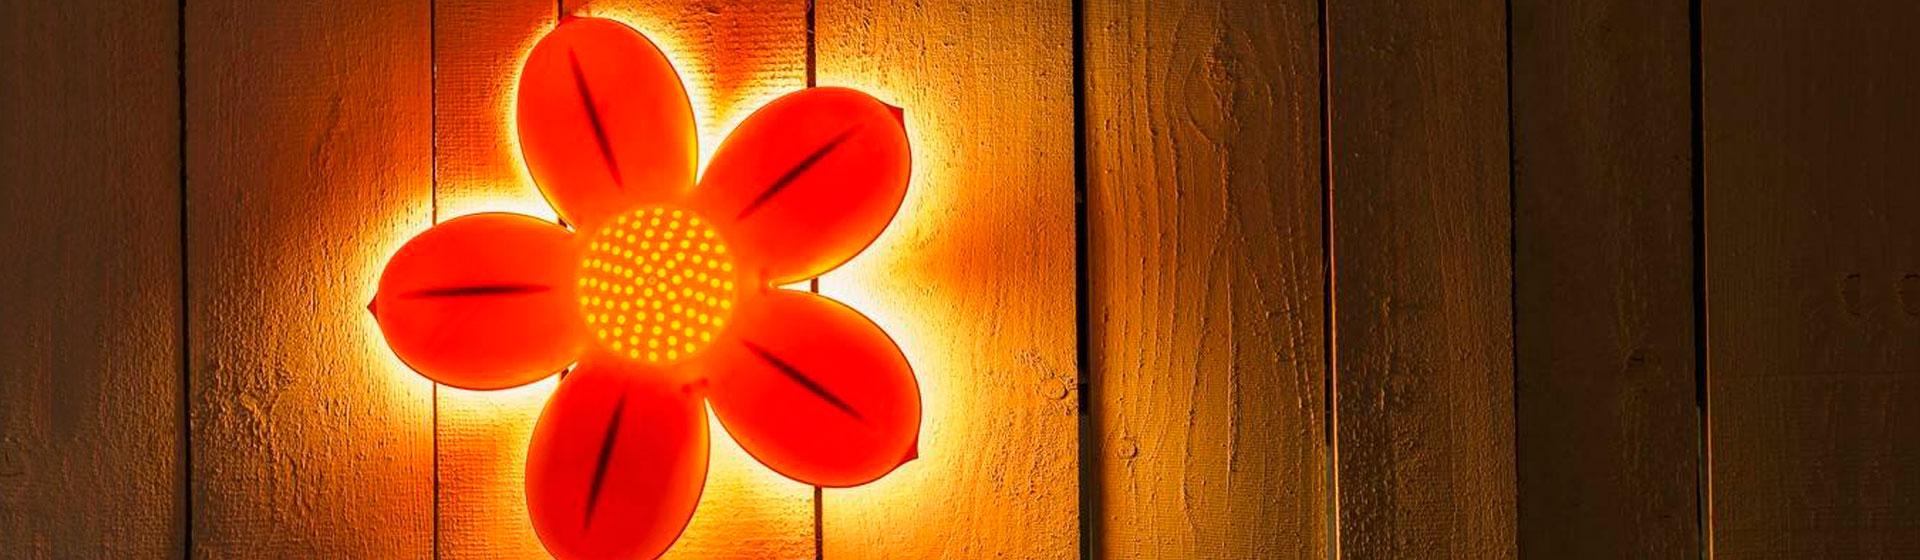 SMD LED Module